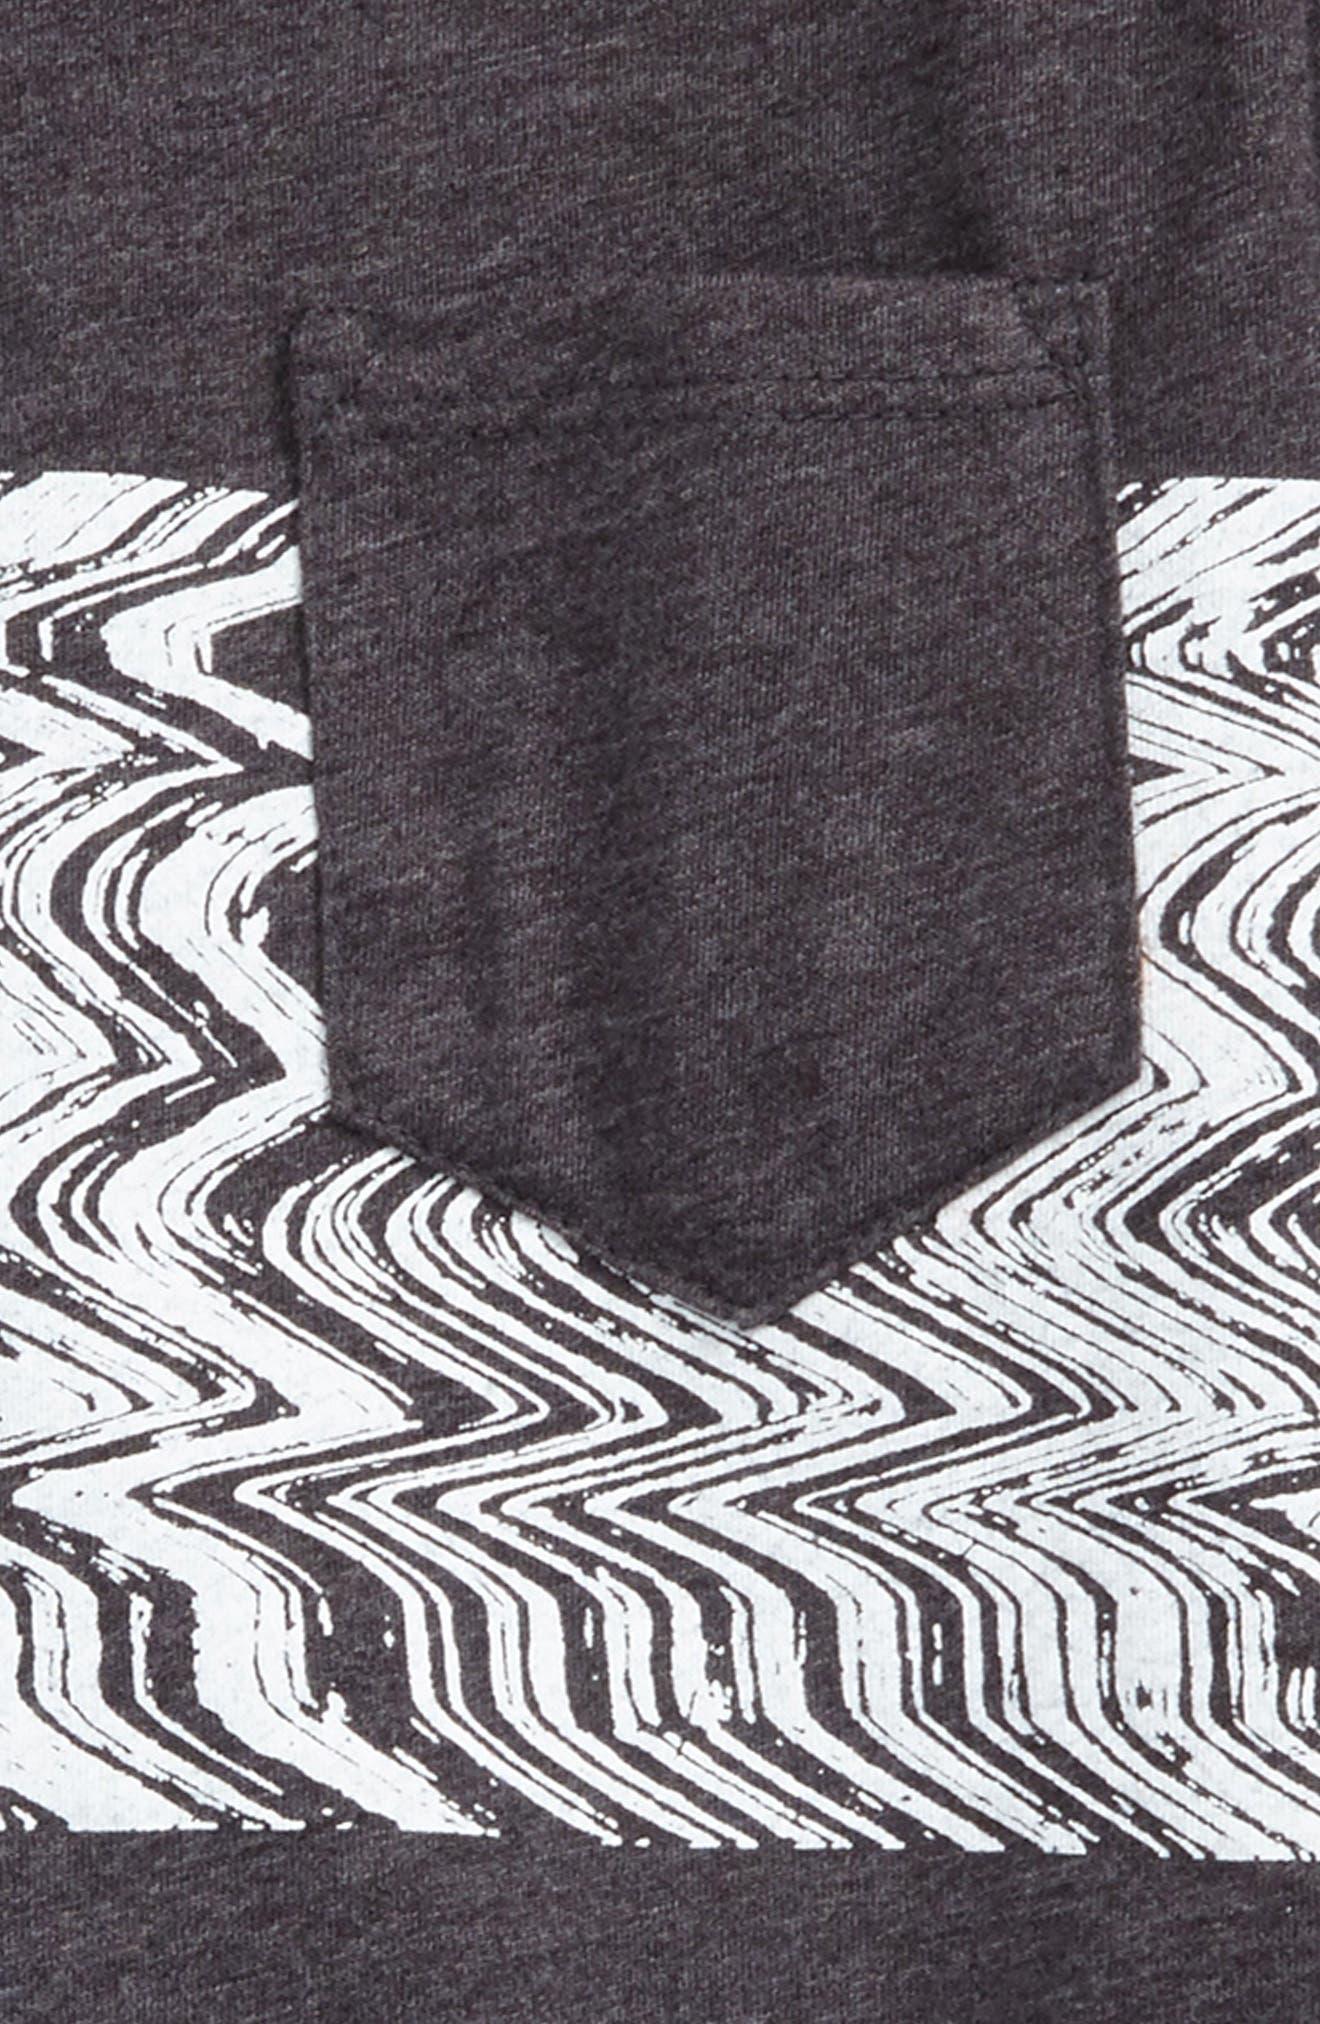 Lo-Fi Colorblock Pocket T-Shirt,                             Alternate thumbnail 2, color,                             Heather Black